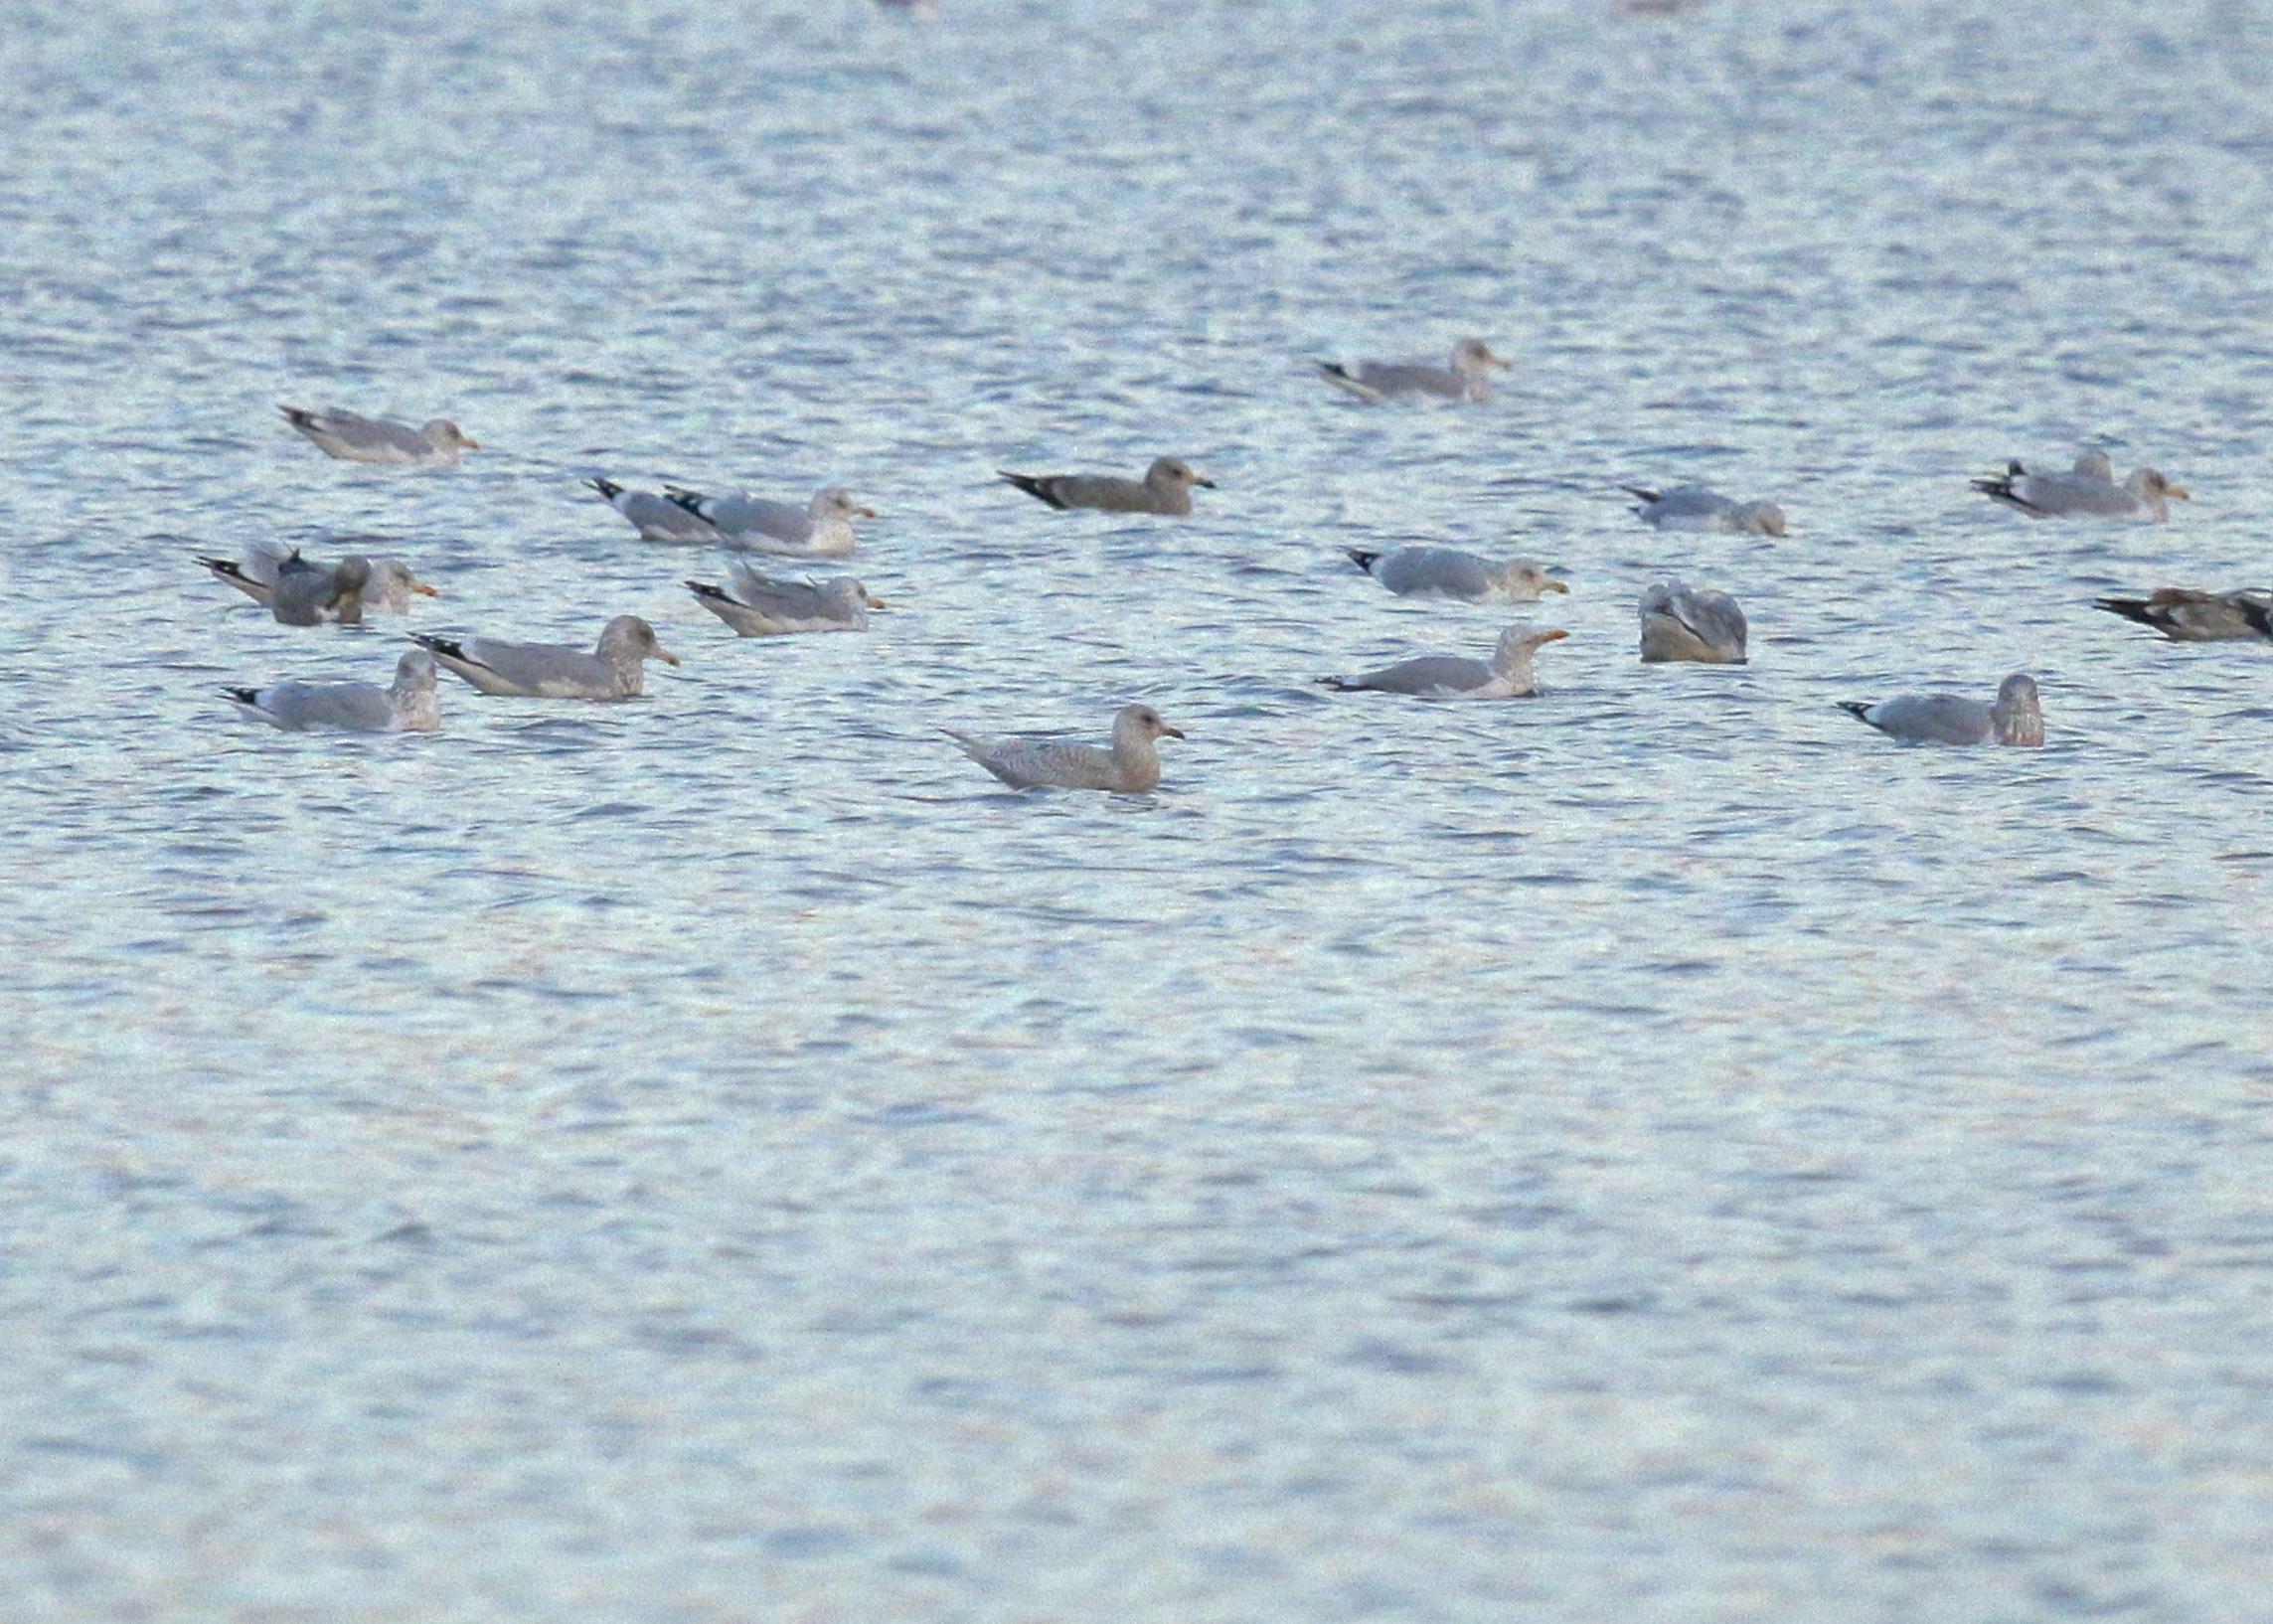 Iceland Gull with Herring Gulls, Newburgh Waterfront, 12/29/14.